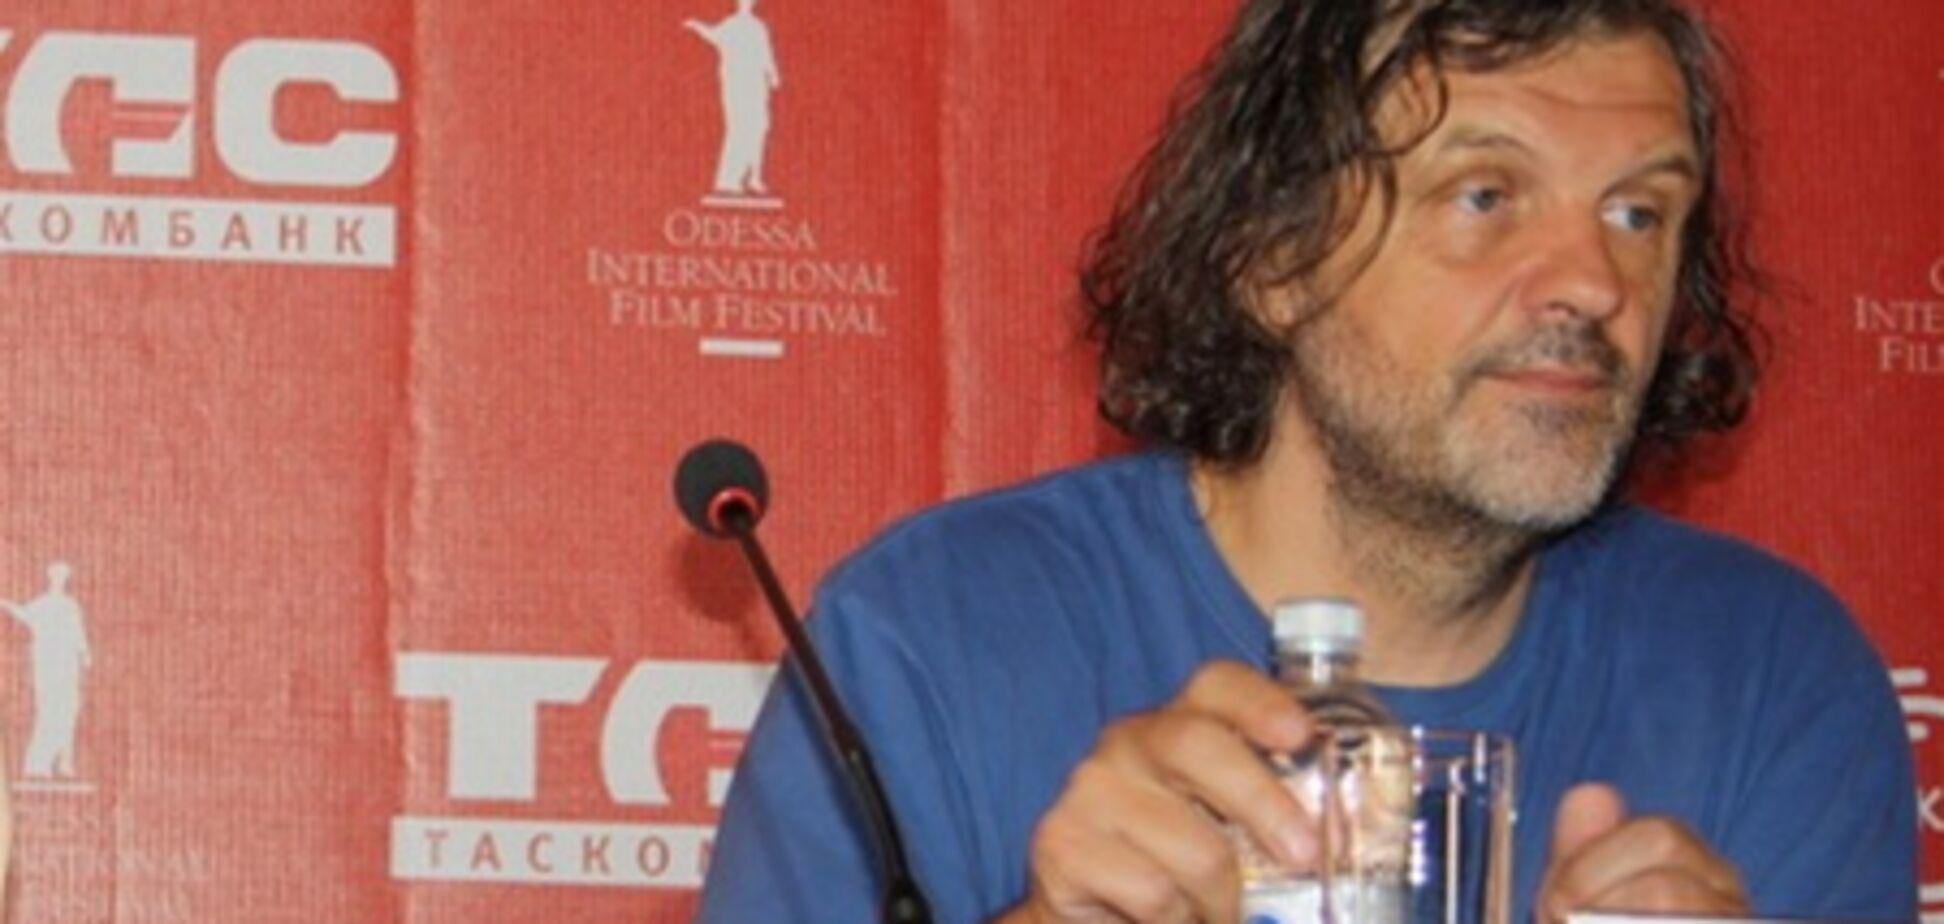 Эмир Кустурица: 'Вам показывают фильмы с Анджелиной Джоли, чтобы вы перестали думать'